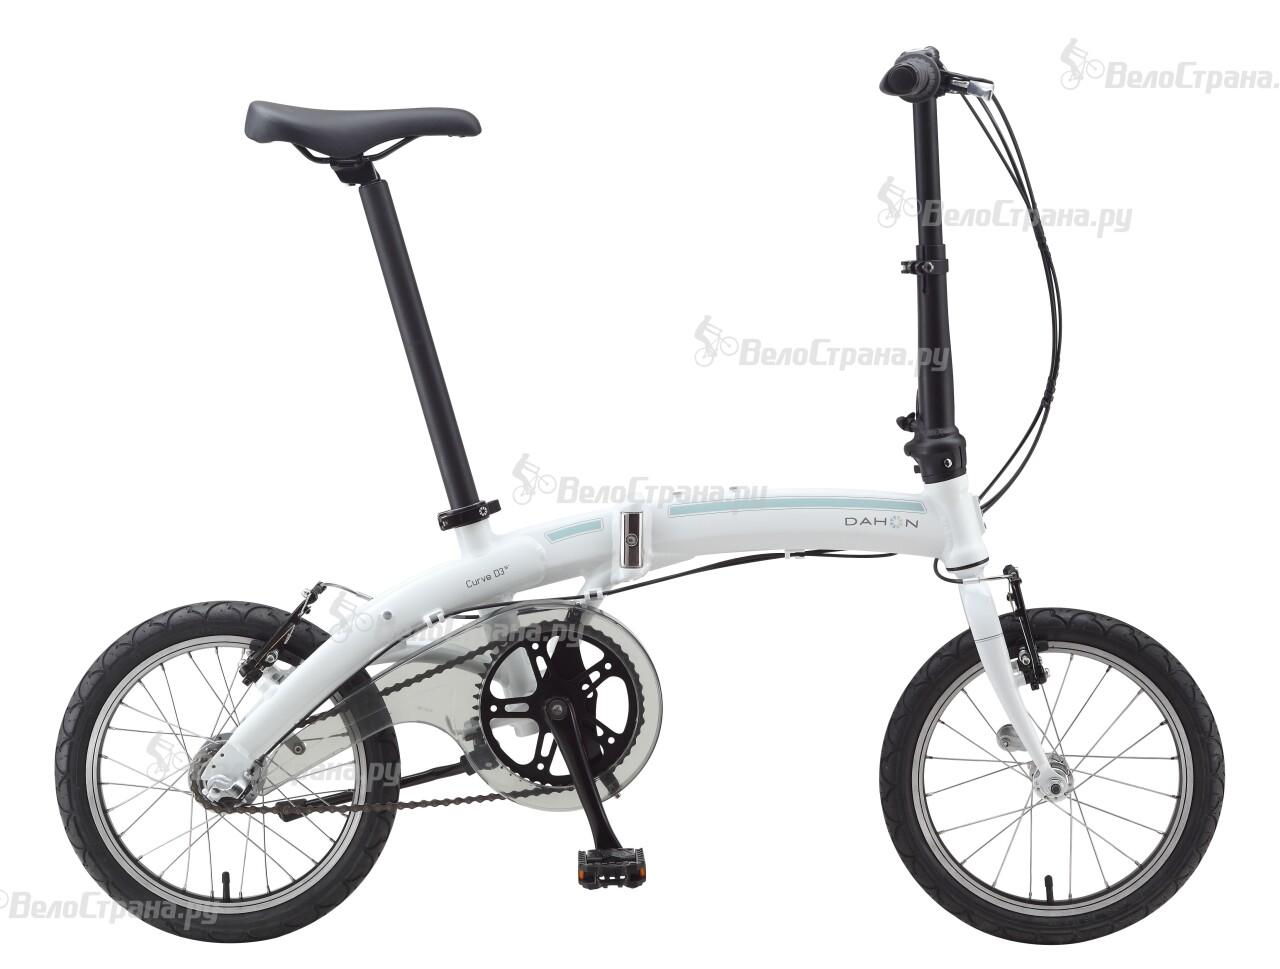 цены Велосипед Dahon Curve i3 16'' (2015)